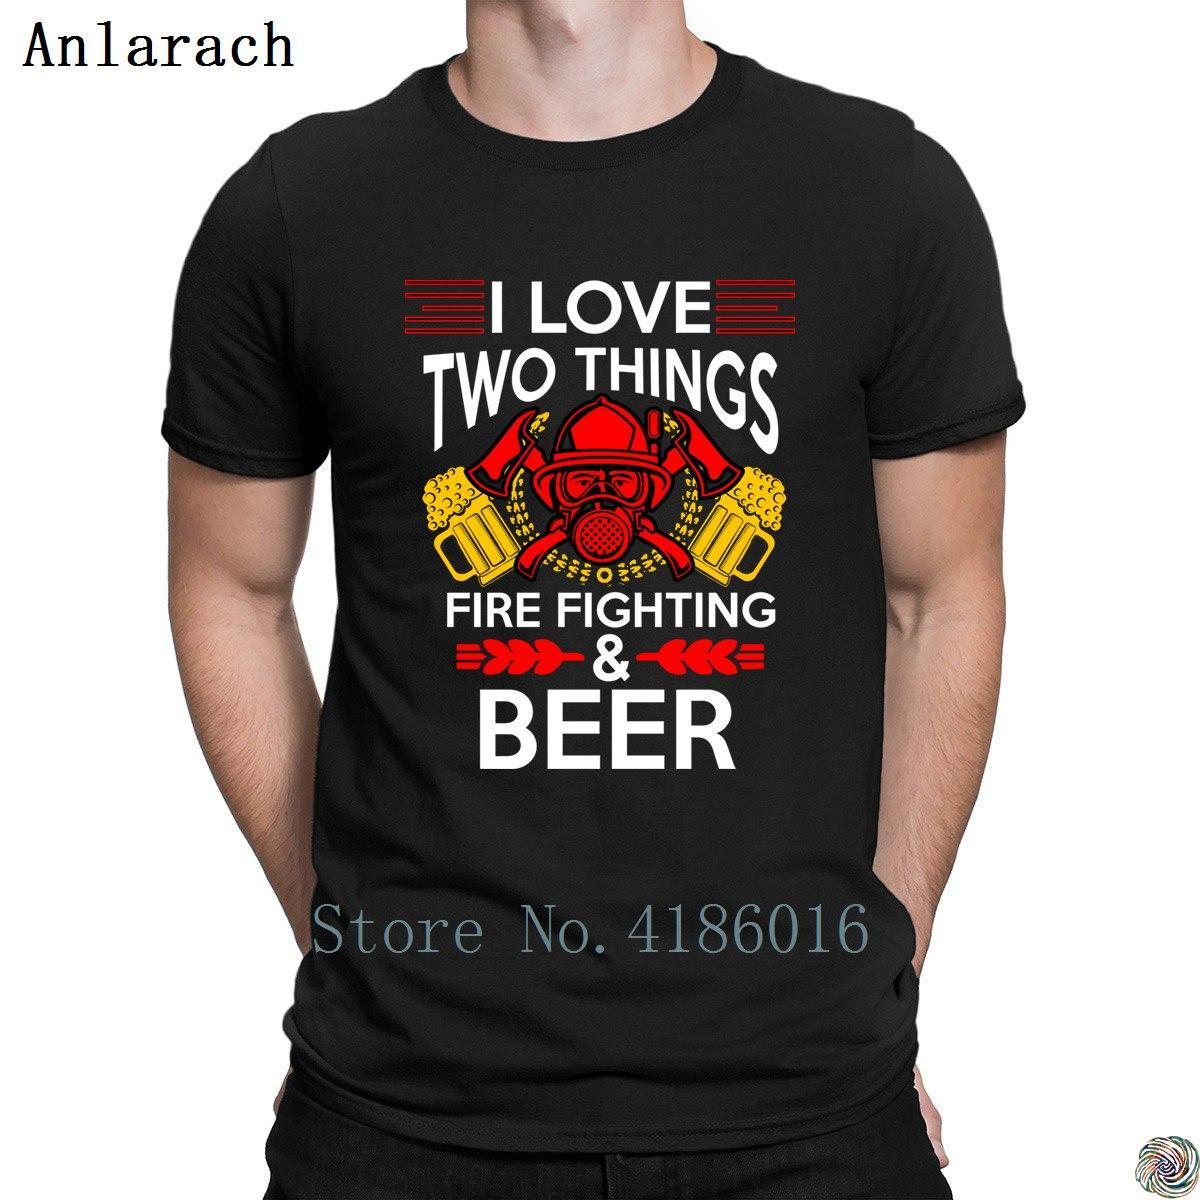 Я люблю две вещи огонь Gighting и футболки пиво поп топ тройник наряде футболка мужская футболка для мужчины сумасшедший о шеи Весна популярные